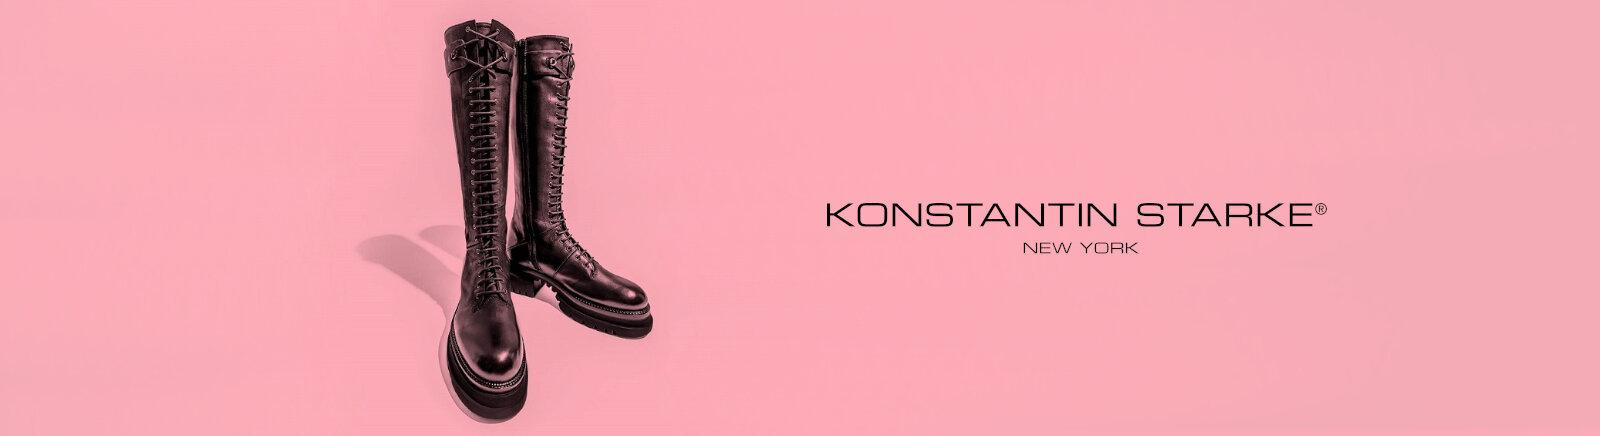 Konstantin Starke Winter Boots für Damen im Online-Shop von GISY kaufen